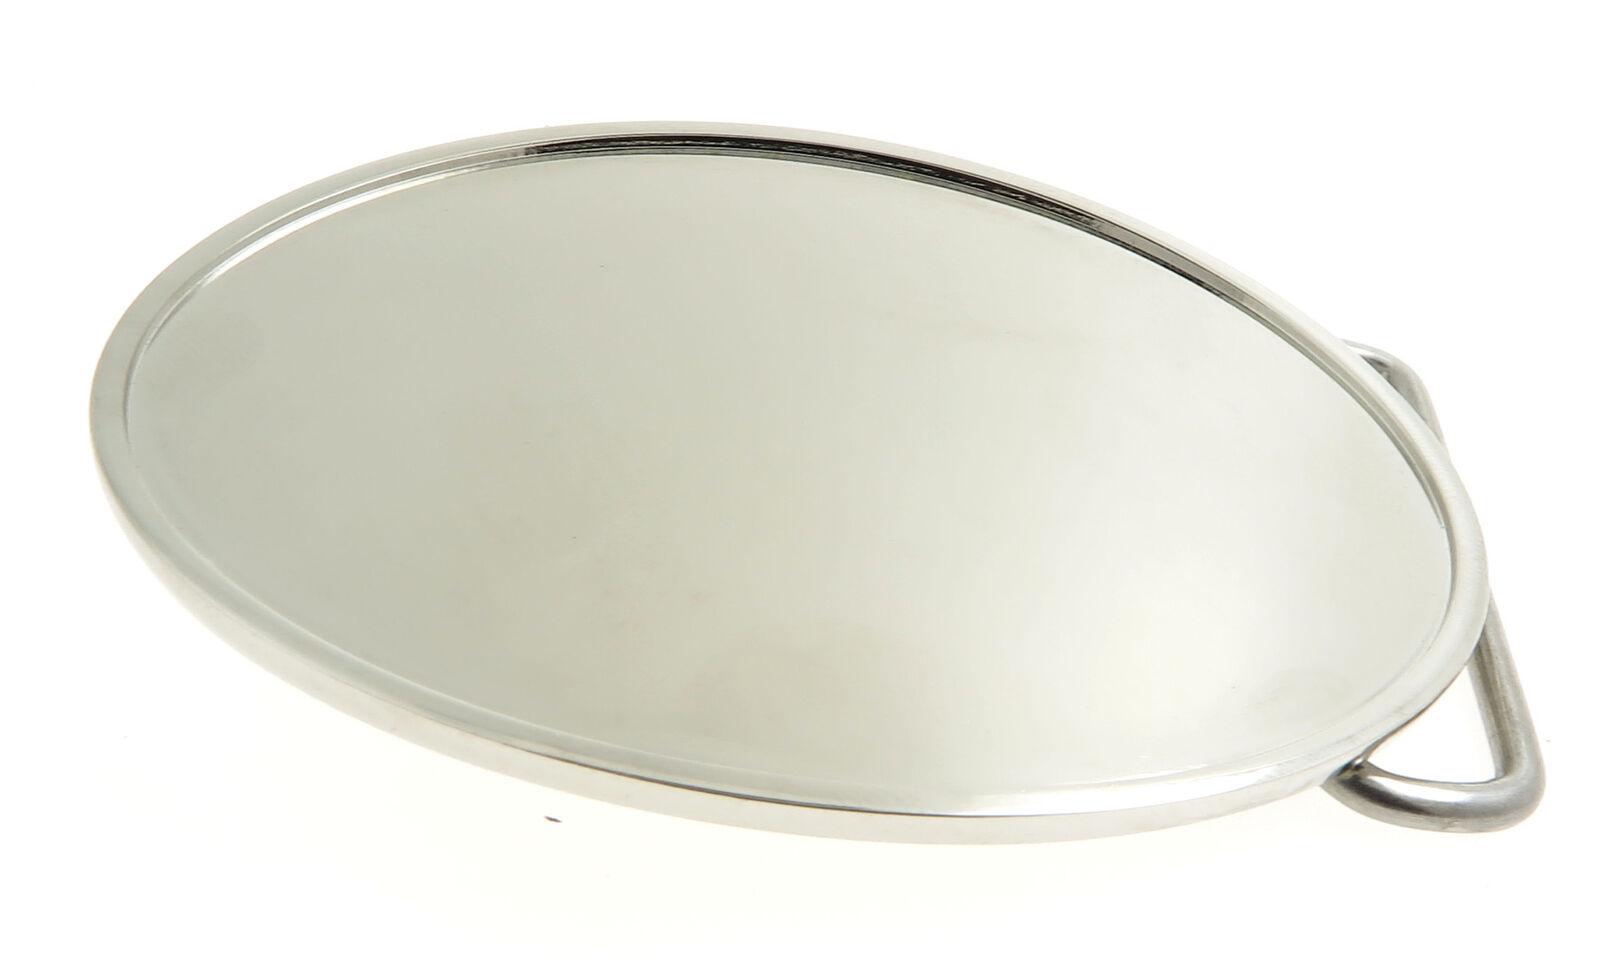 Shiny Chrome Oval Blank Metal Belt Buckle